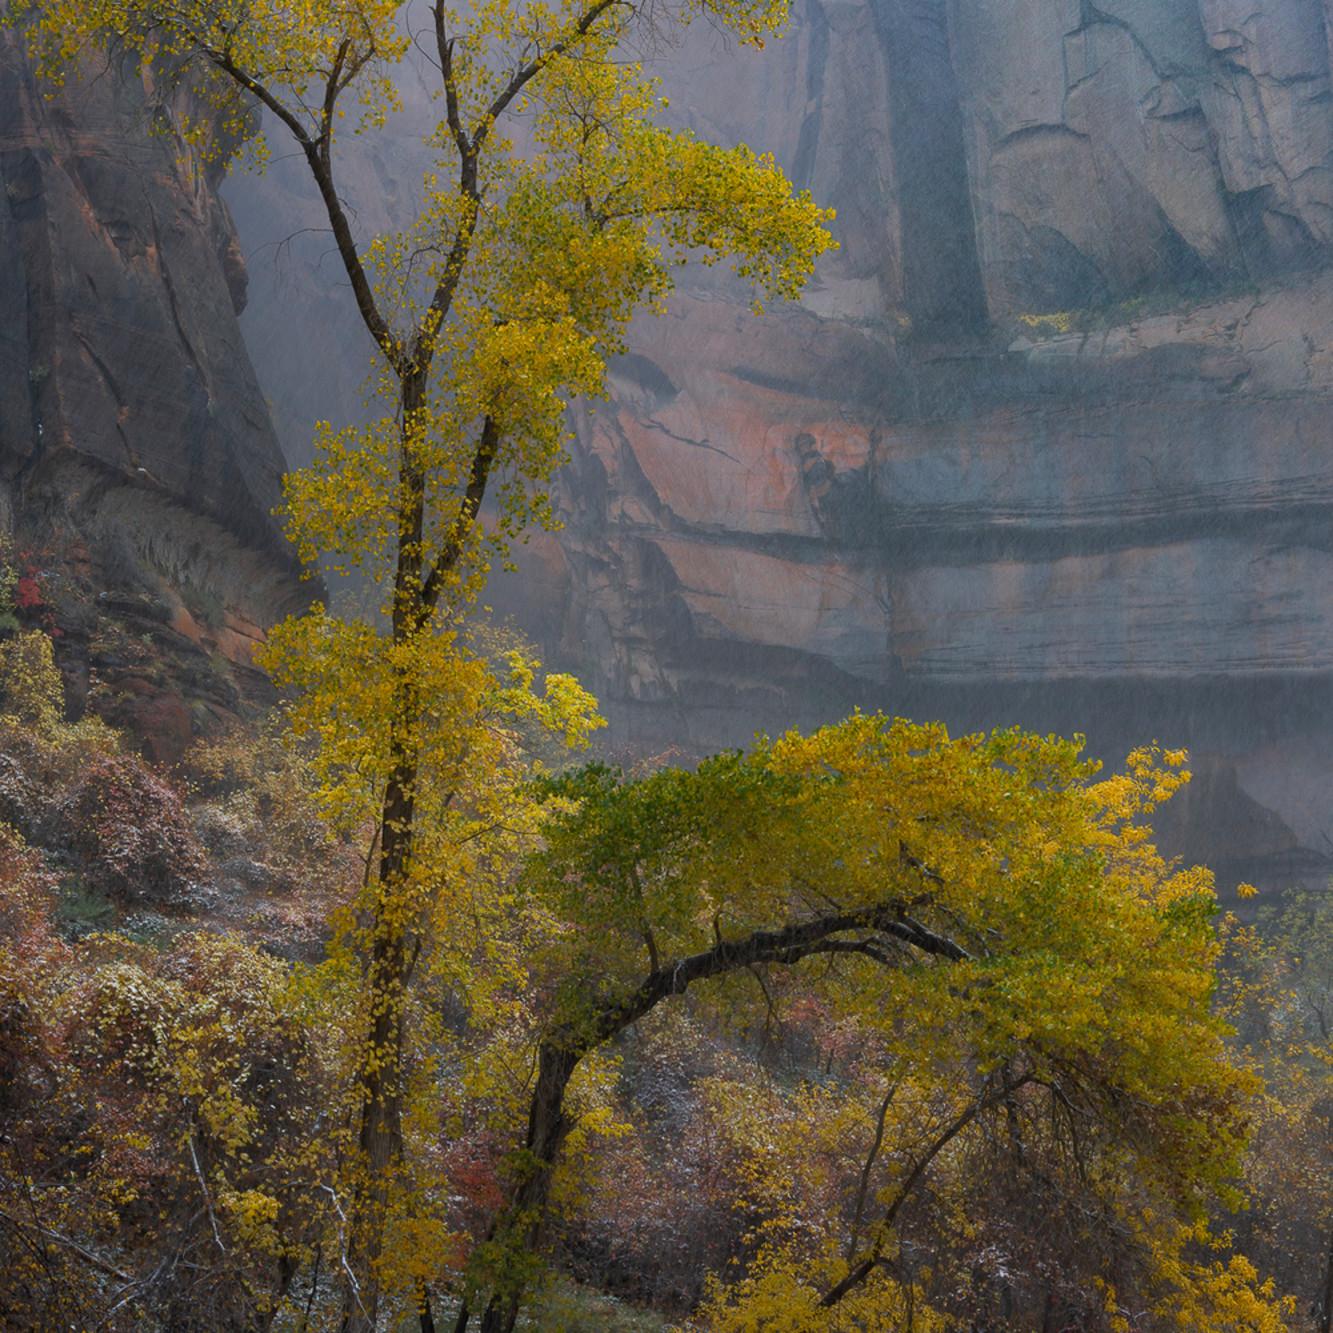 Yellow tree 7200 foc 2x3 ui7zq1